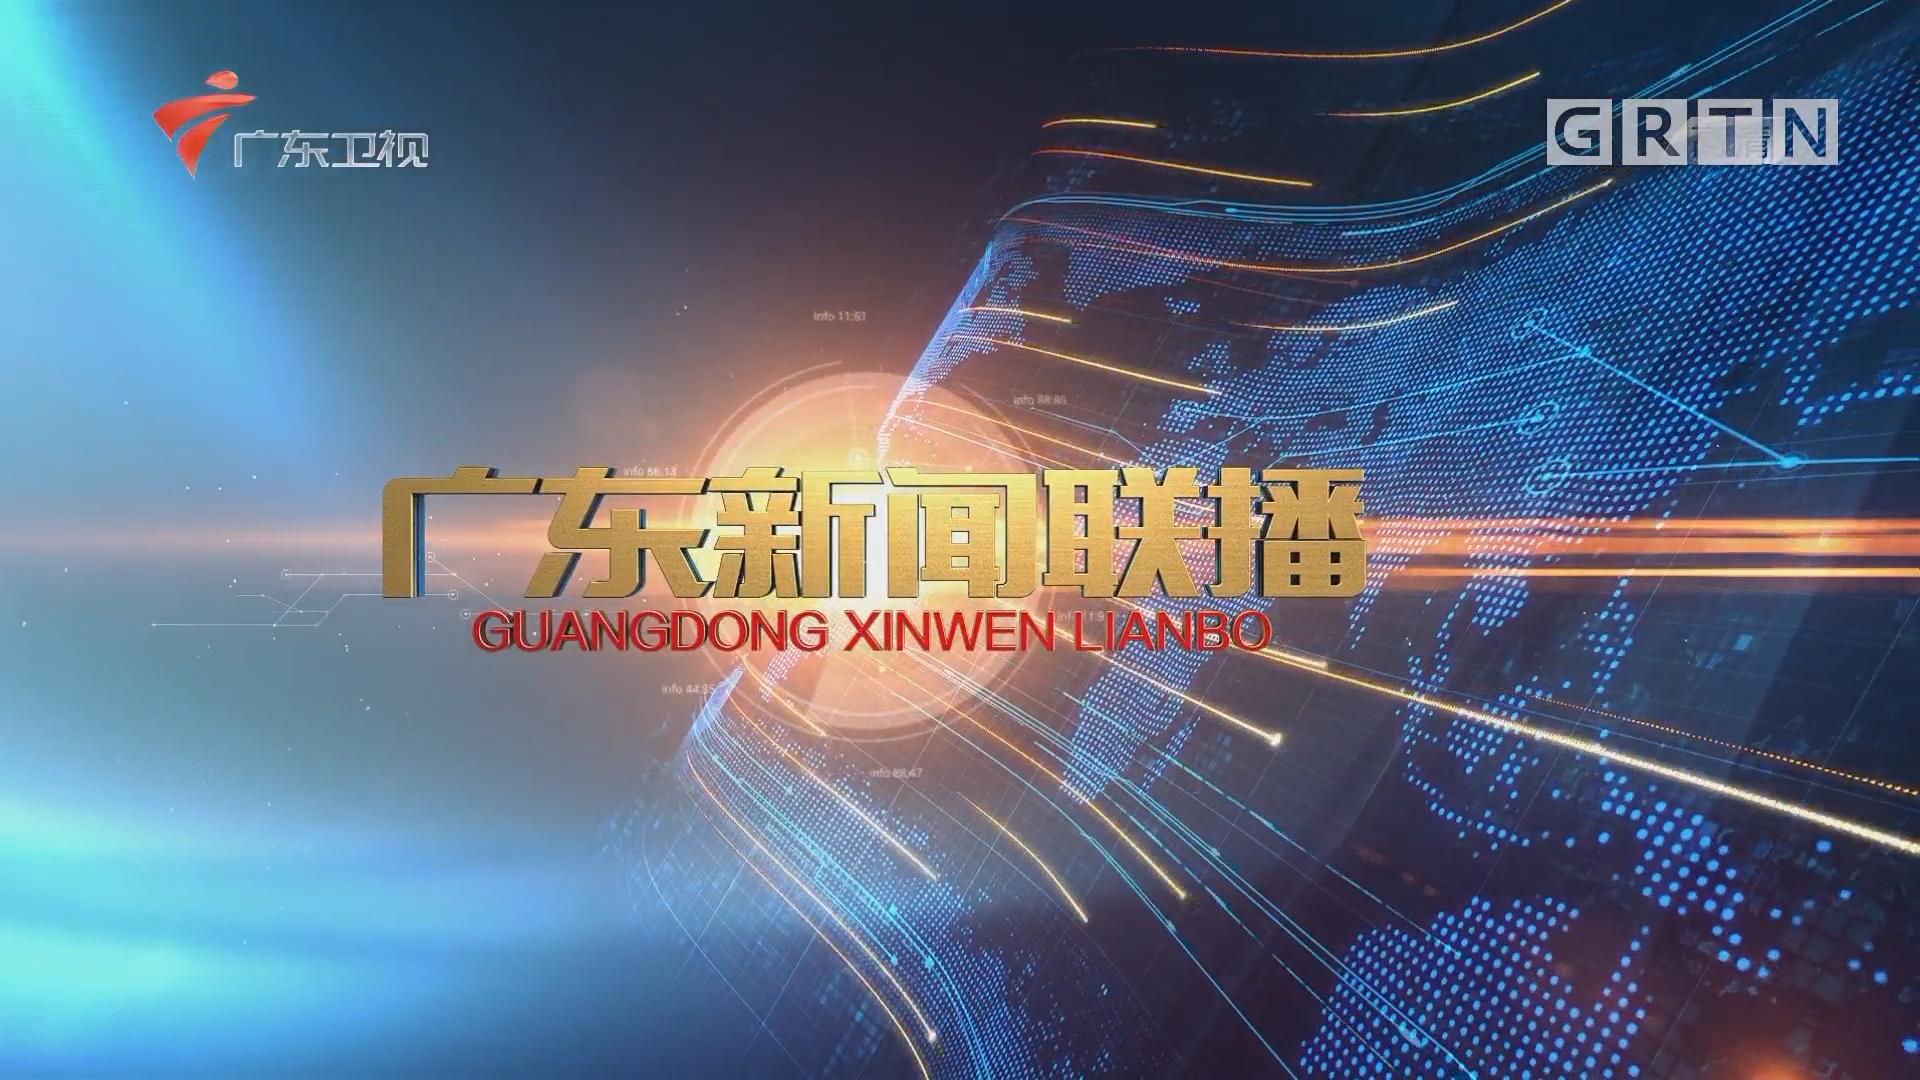 [HD][2018-10-05]广东新闻联播:南粤古驿道带热乡村旅游民宿经济